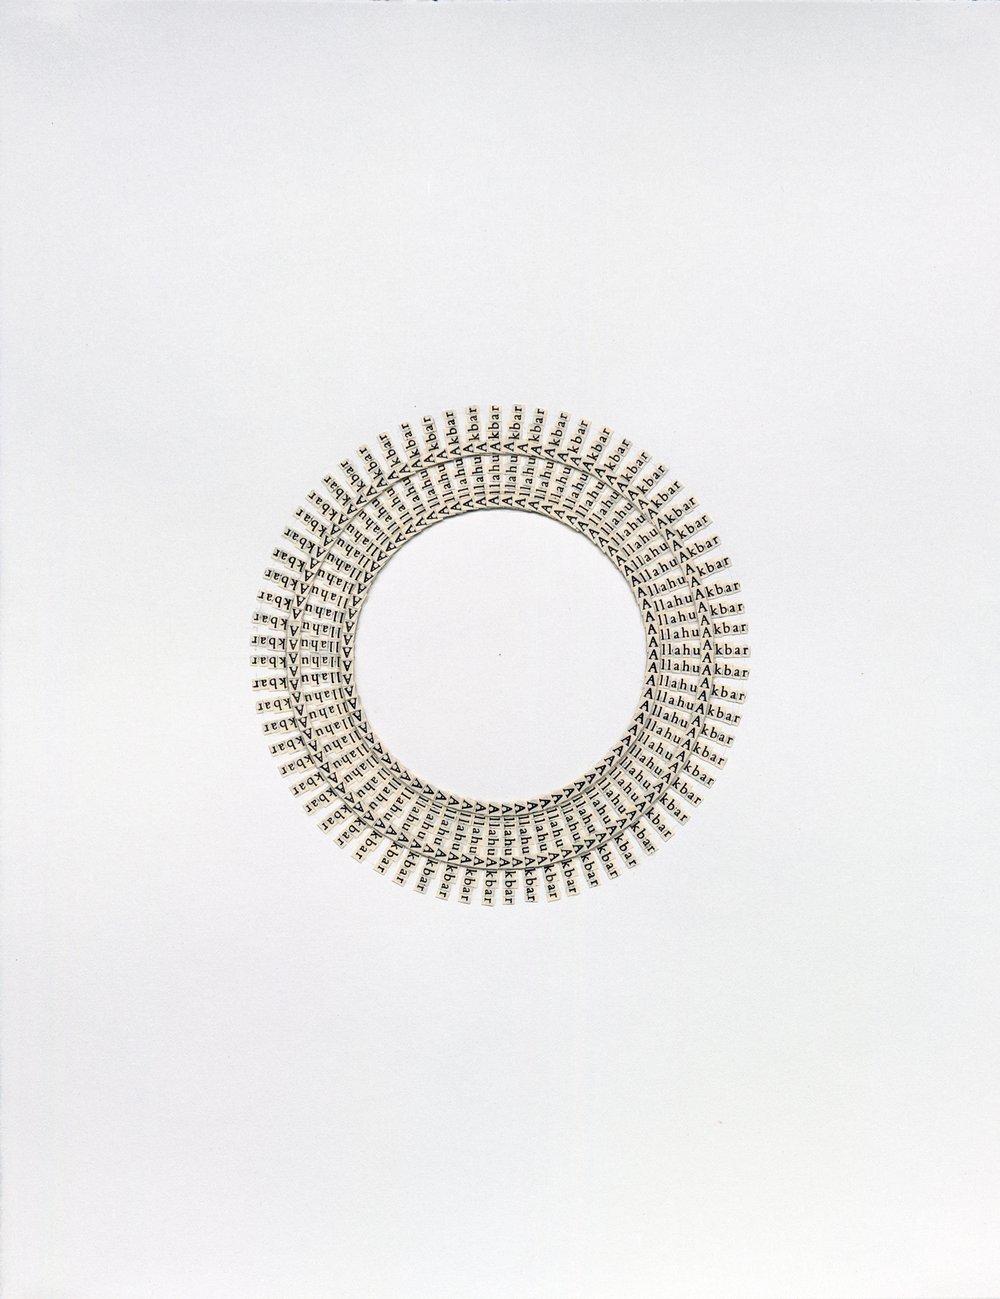 Allahu-Akbar-(circle).jpg